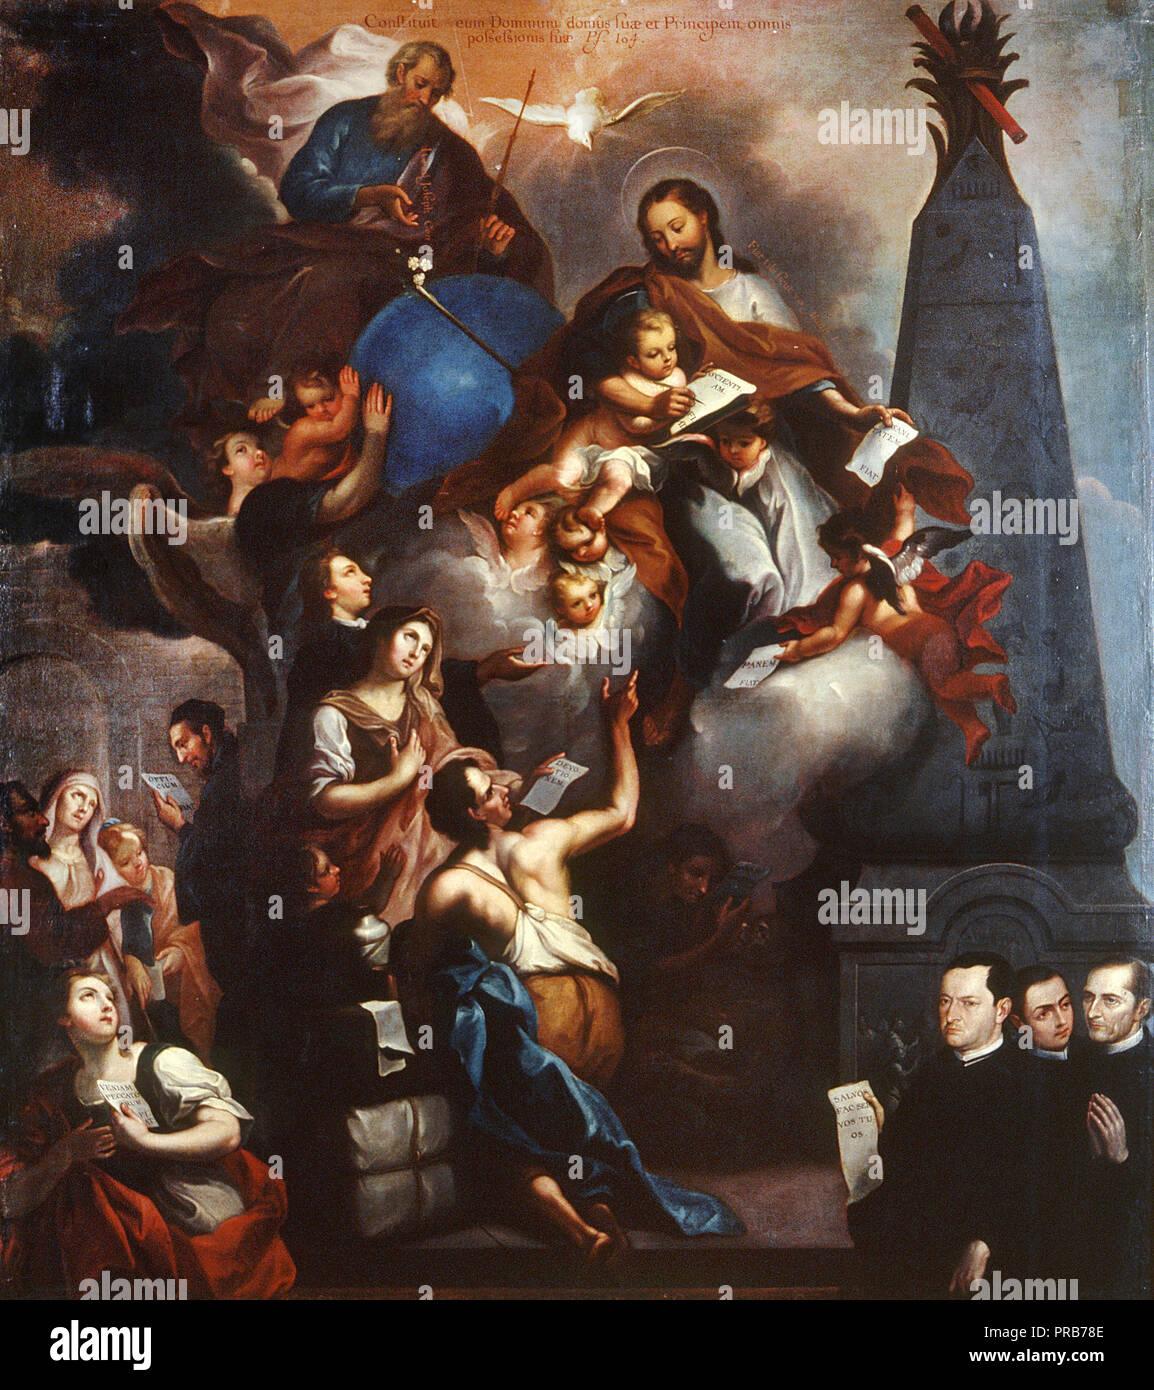 Jose de Alcibar, The Ministry of Saint Joseph, Circa 1771 Oil on canvas, Museo Nacional de Arte, Mexico City, Mexico. Stock Photo